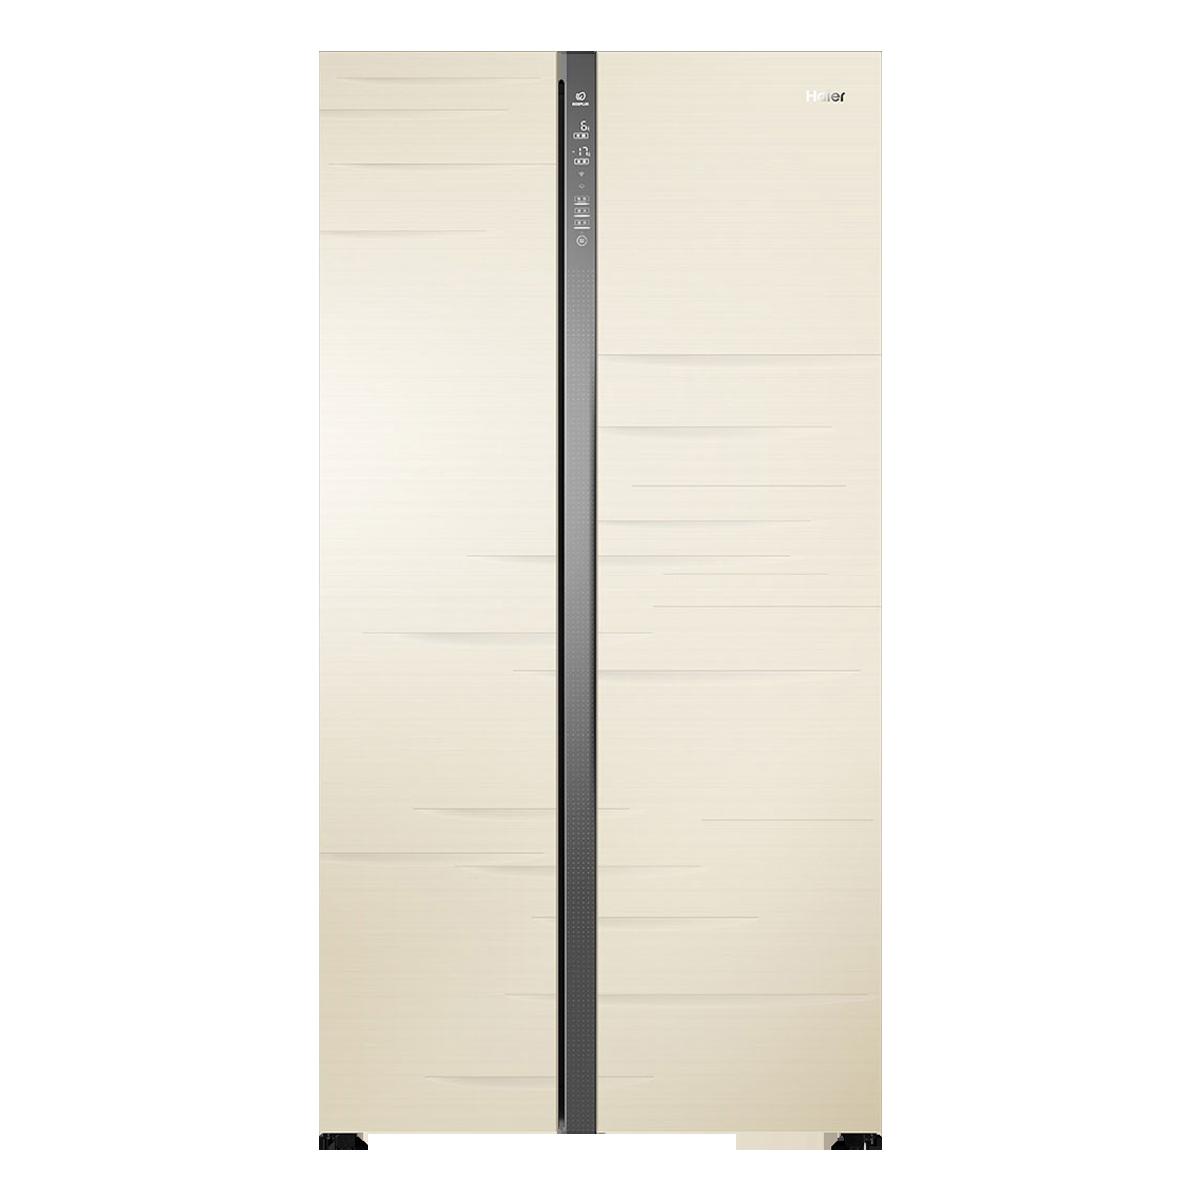 海尔Haier冰箱 BCD-575WDGOU1 说明书